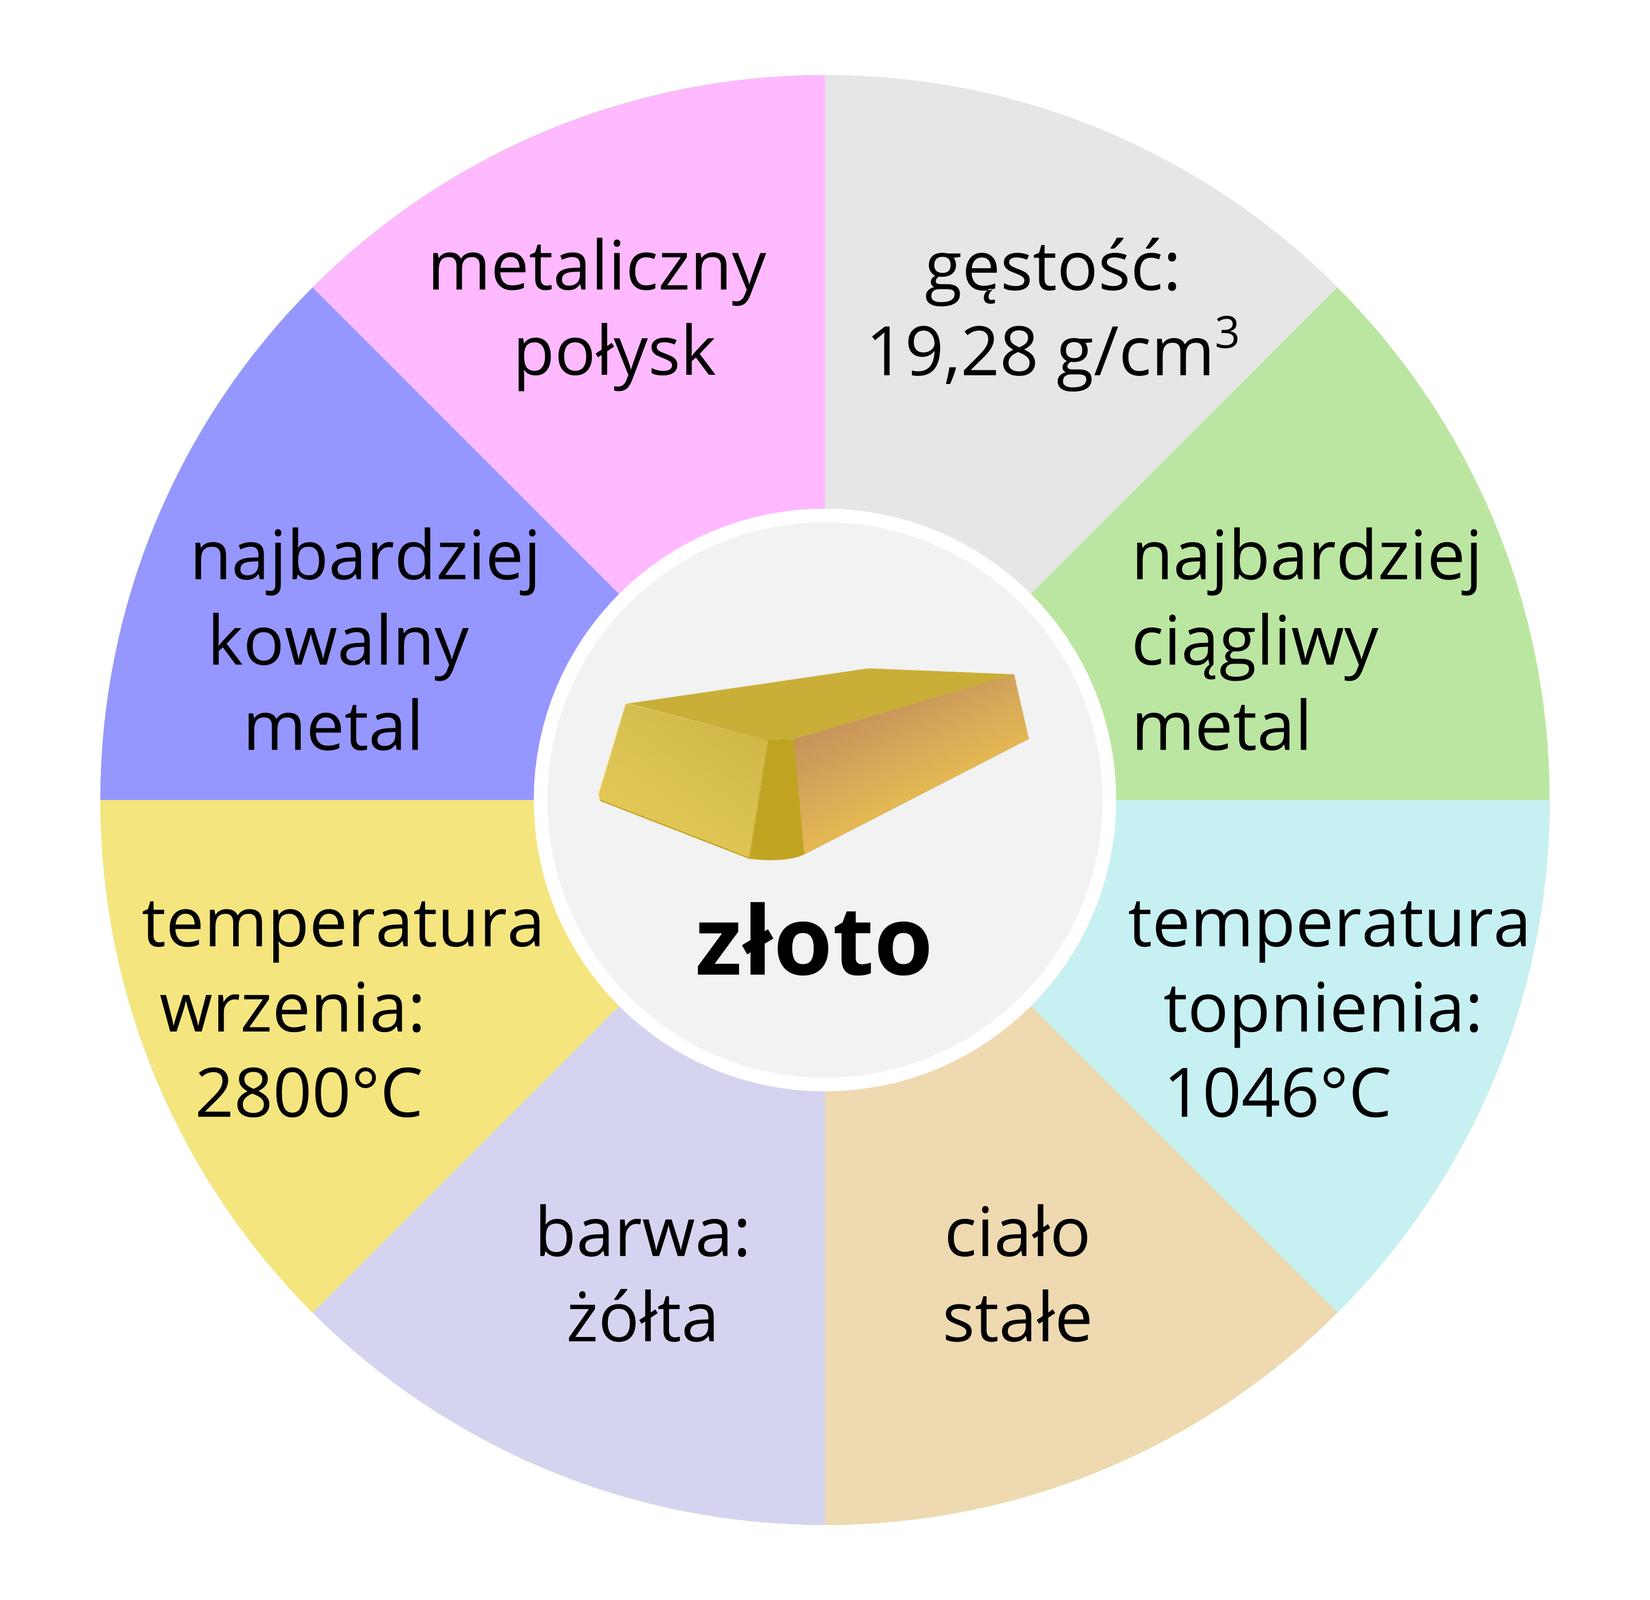 """Ilustracja przedstawiająca właściwości fizyczne złota. Wsamym środku wmniejszym szarym okręgu znajduje się rysunek sztabki zpodpisem """"złoto"""". Na zewnątrz koła znajduje się większe koło podzielone na różnokolorowe części, jak wwykresie tortowym, zawierające konkretne właściwości fizyczne. Licząc od góry wkierunku ruchu wskazówek zegara są to: gęstość 19,28 g/cm ³ , najbardziej ciągliwy metal, temperatura topnienia 1046 stopni Celsjusza, ciało stałe, barwa żółta, temperatura wrzenia 2800 stopni Celsjusza, najbardziej kowalny metal, metaliczny połysk."""